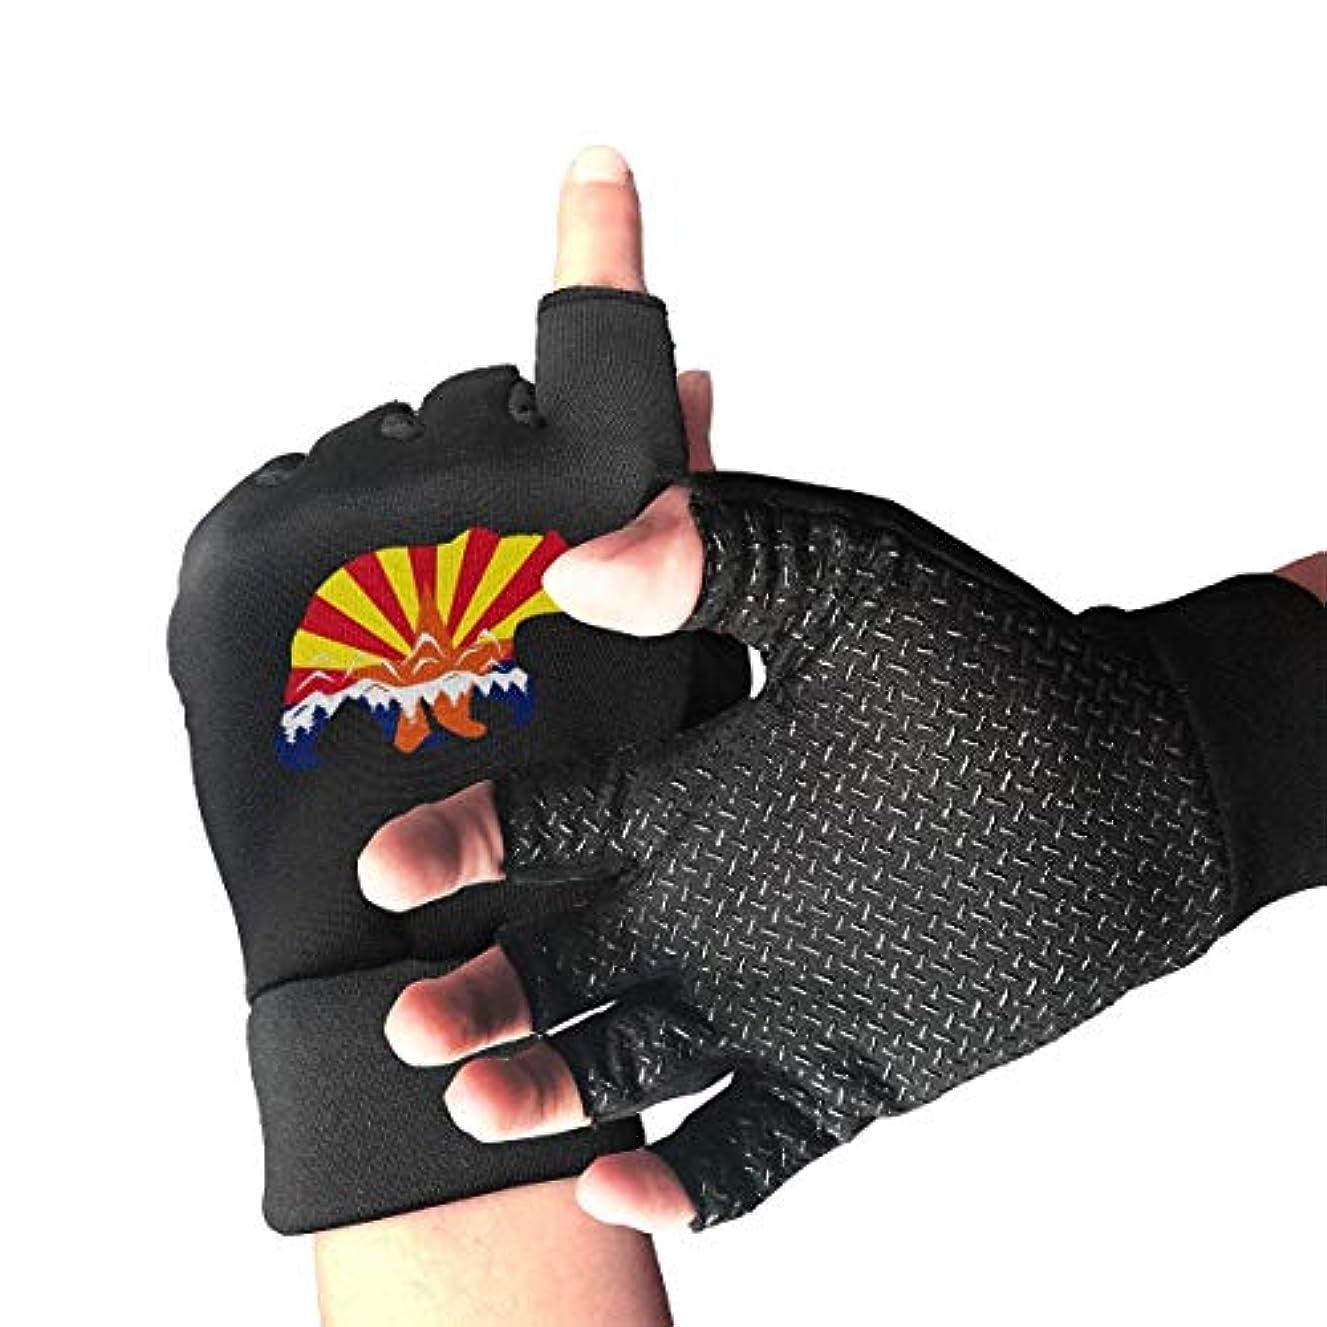 ずんぐりしたグリル爆発するアリゾナ州旗ベアマウンテンフィンガーレス/ハーフフィンガーグローブ自転車用グローブ/サイクリングマウンテン用グローブ/滑り止め衝撃吸収通気性メンズ/レディースグローブ